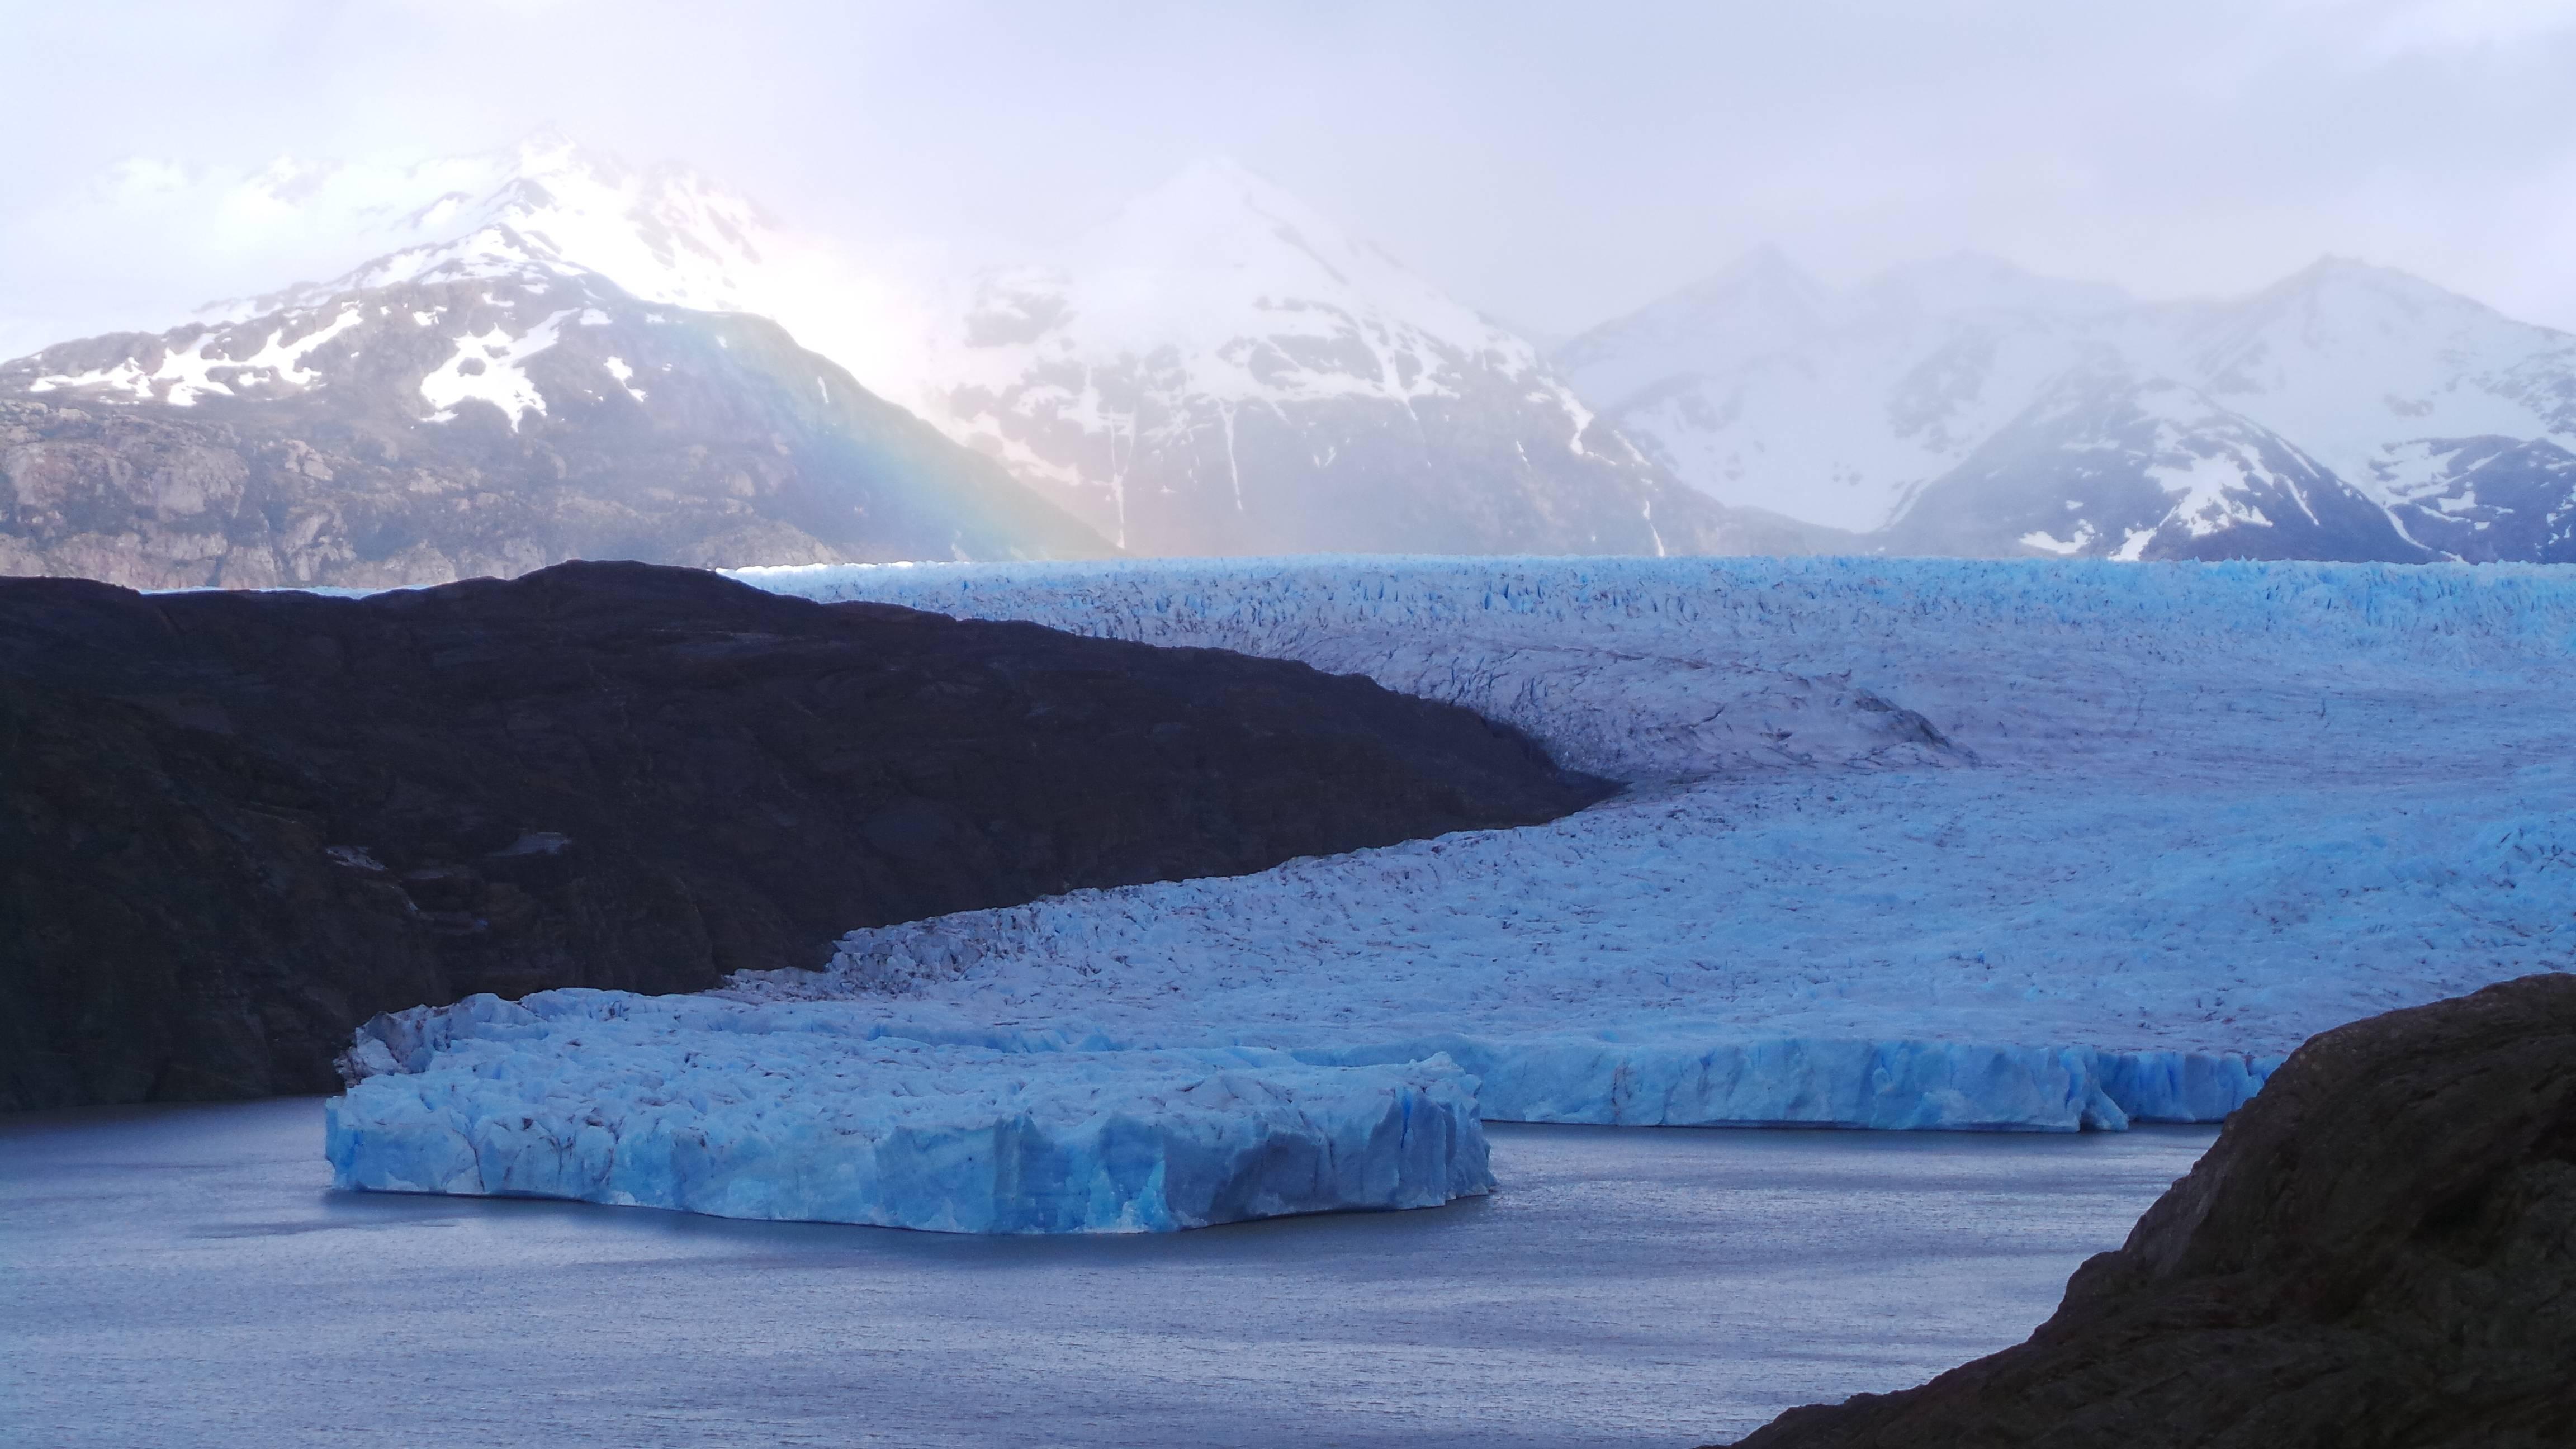 Glaciares han perdido más de 9 billones de toneladas de hielo desde la década del 60